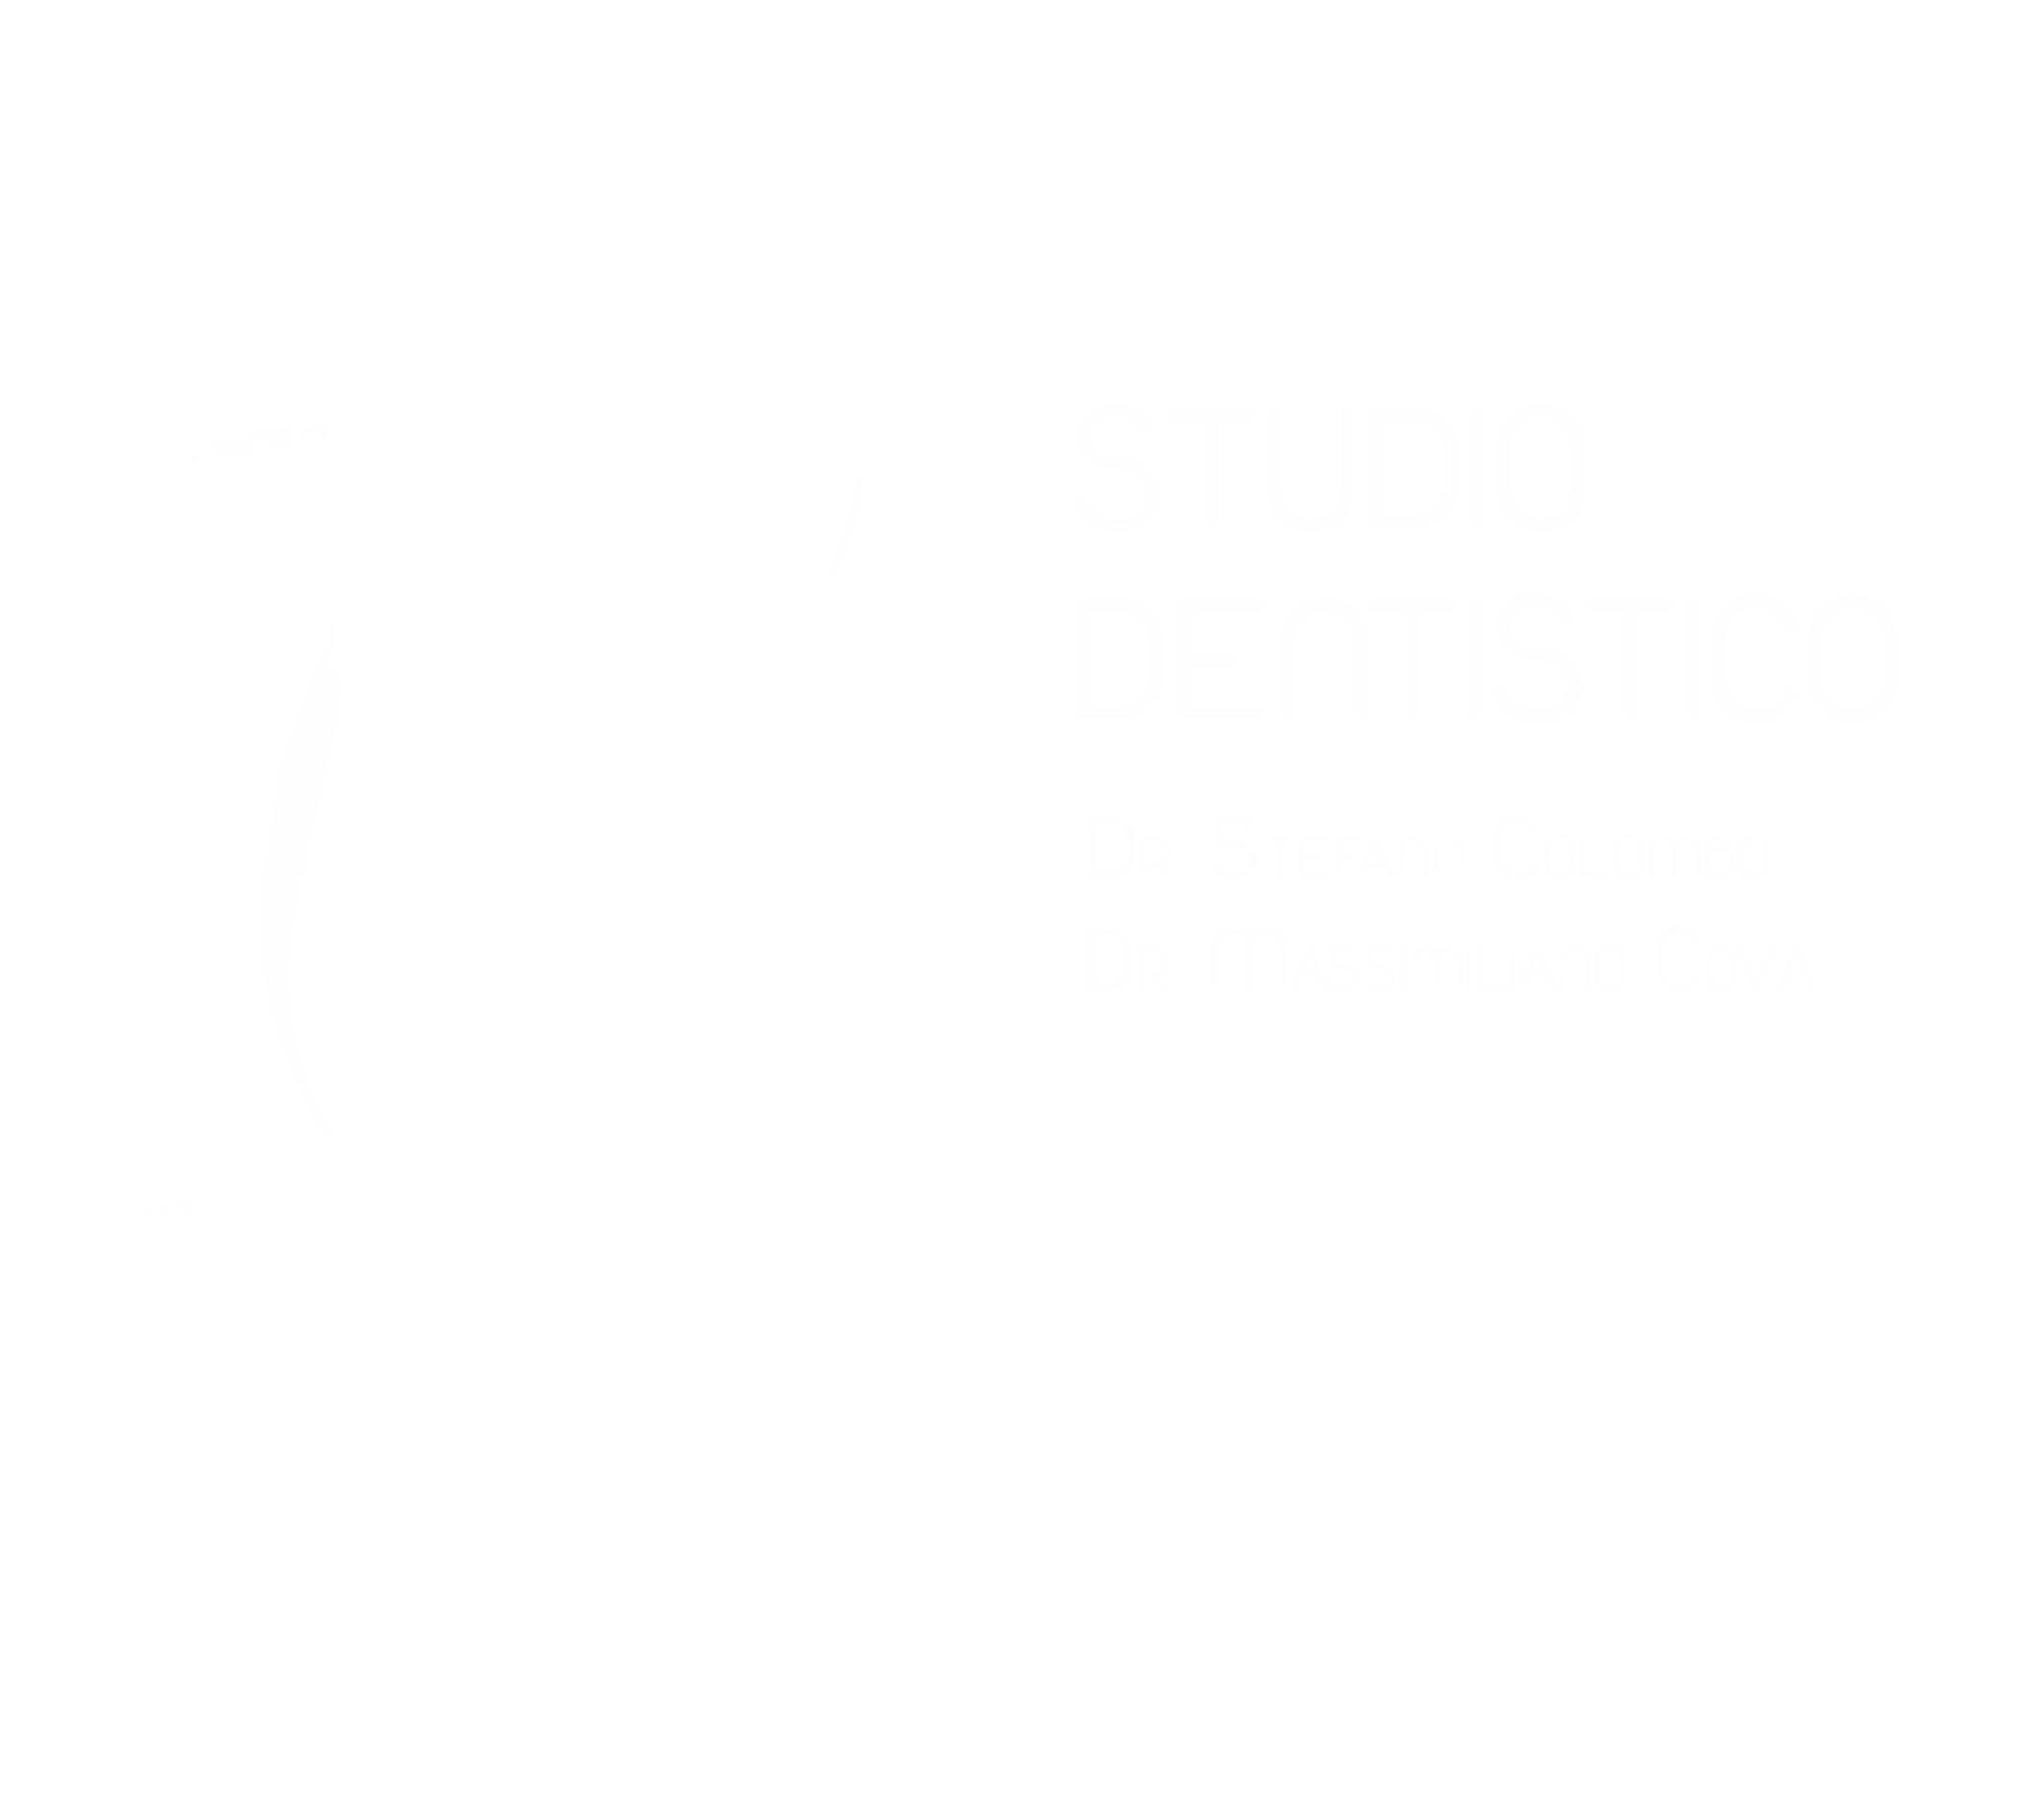 Studio dentistico di Implantologia, Ortodonzia, Busto Arsizio Logo